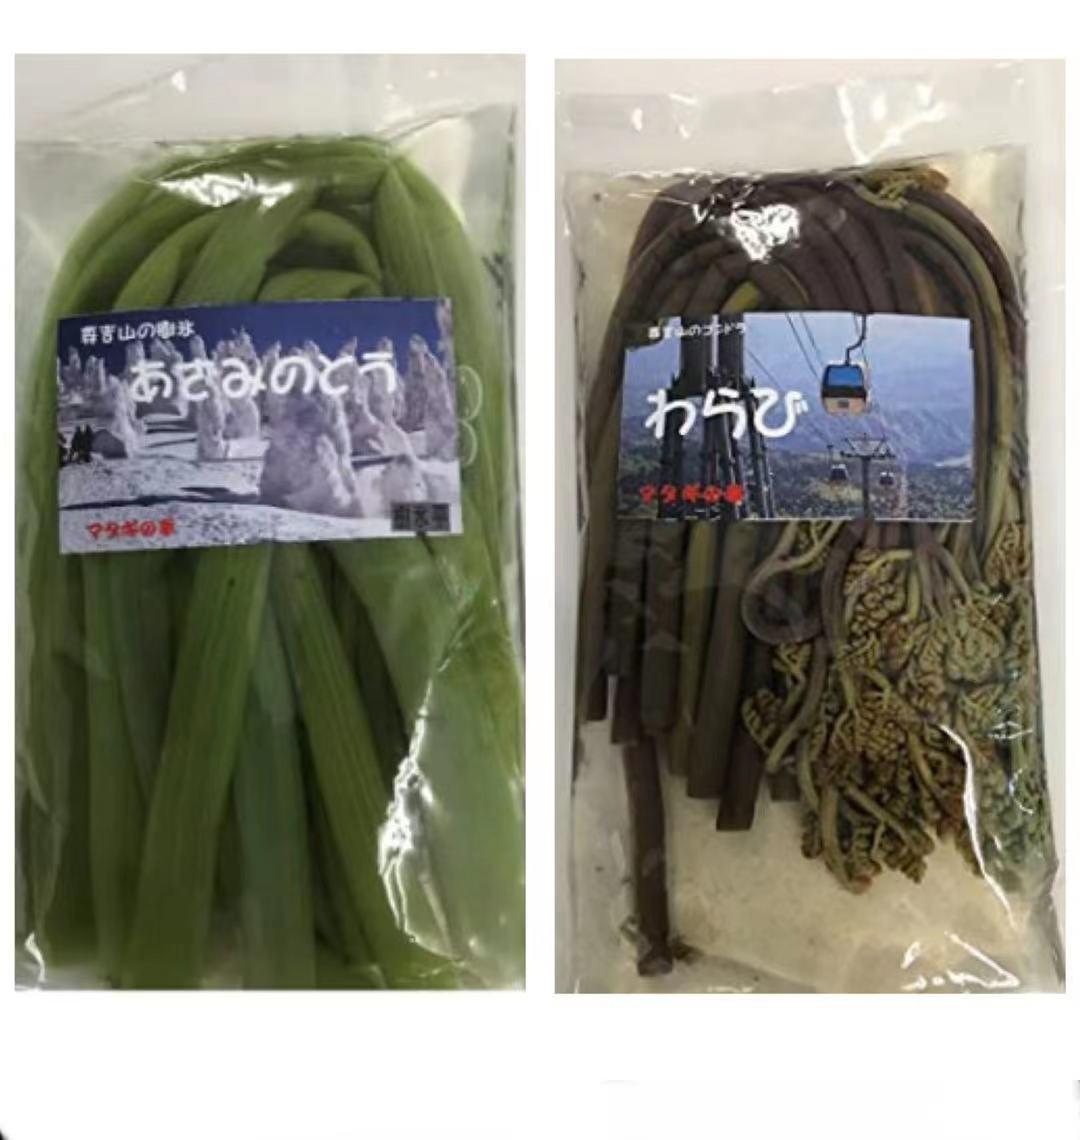 秋田県産 公式 お洒落 山菜 あさみのとう水煮200g わらび水煮200g 計2袋 各1袋